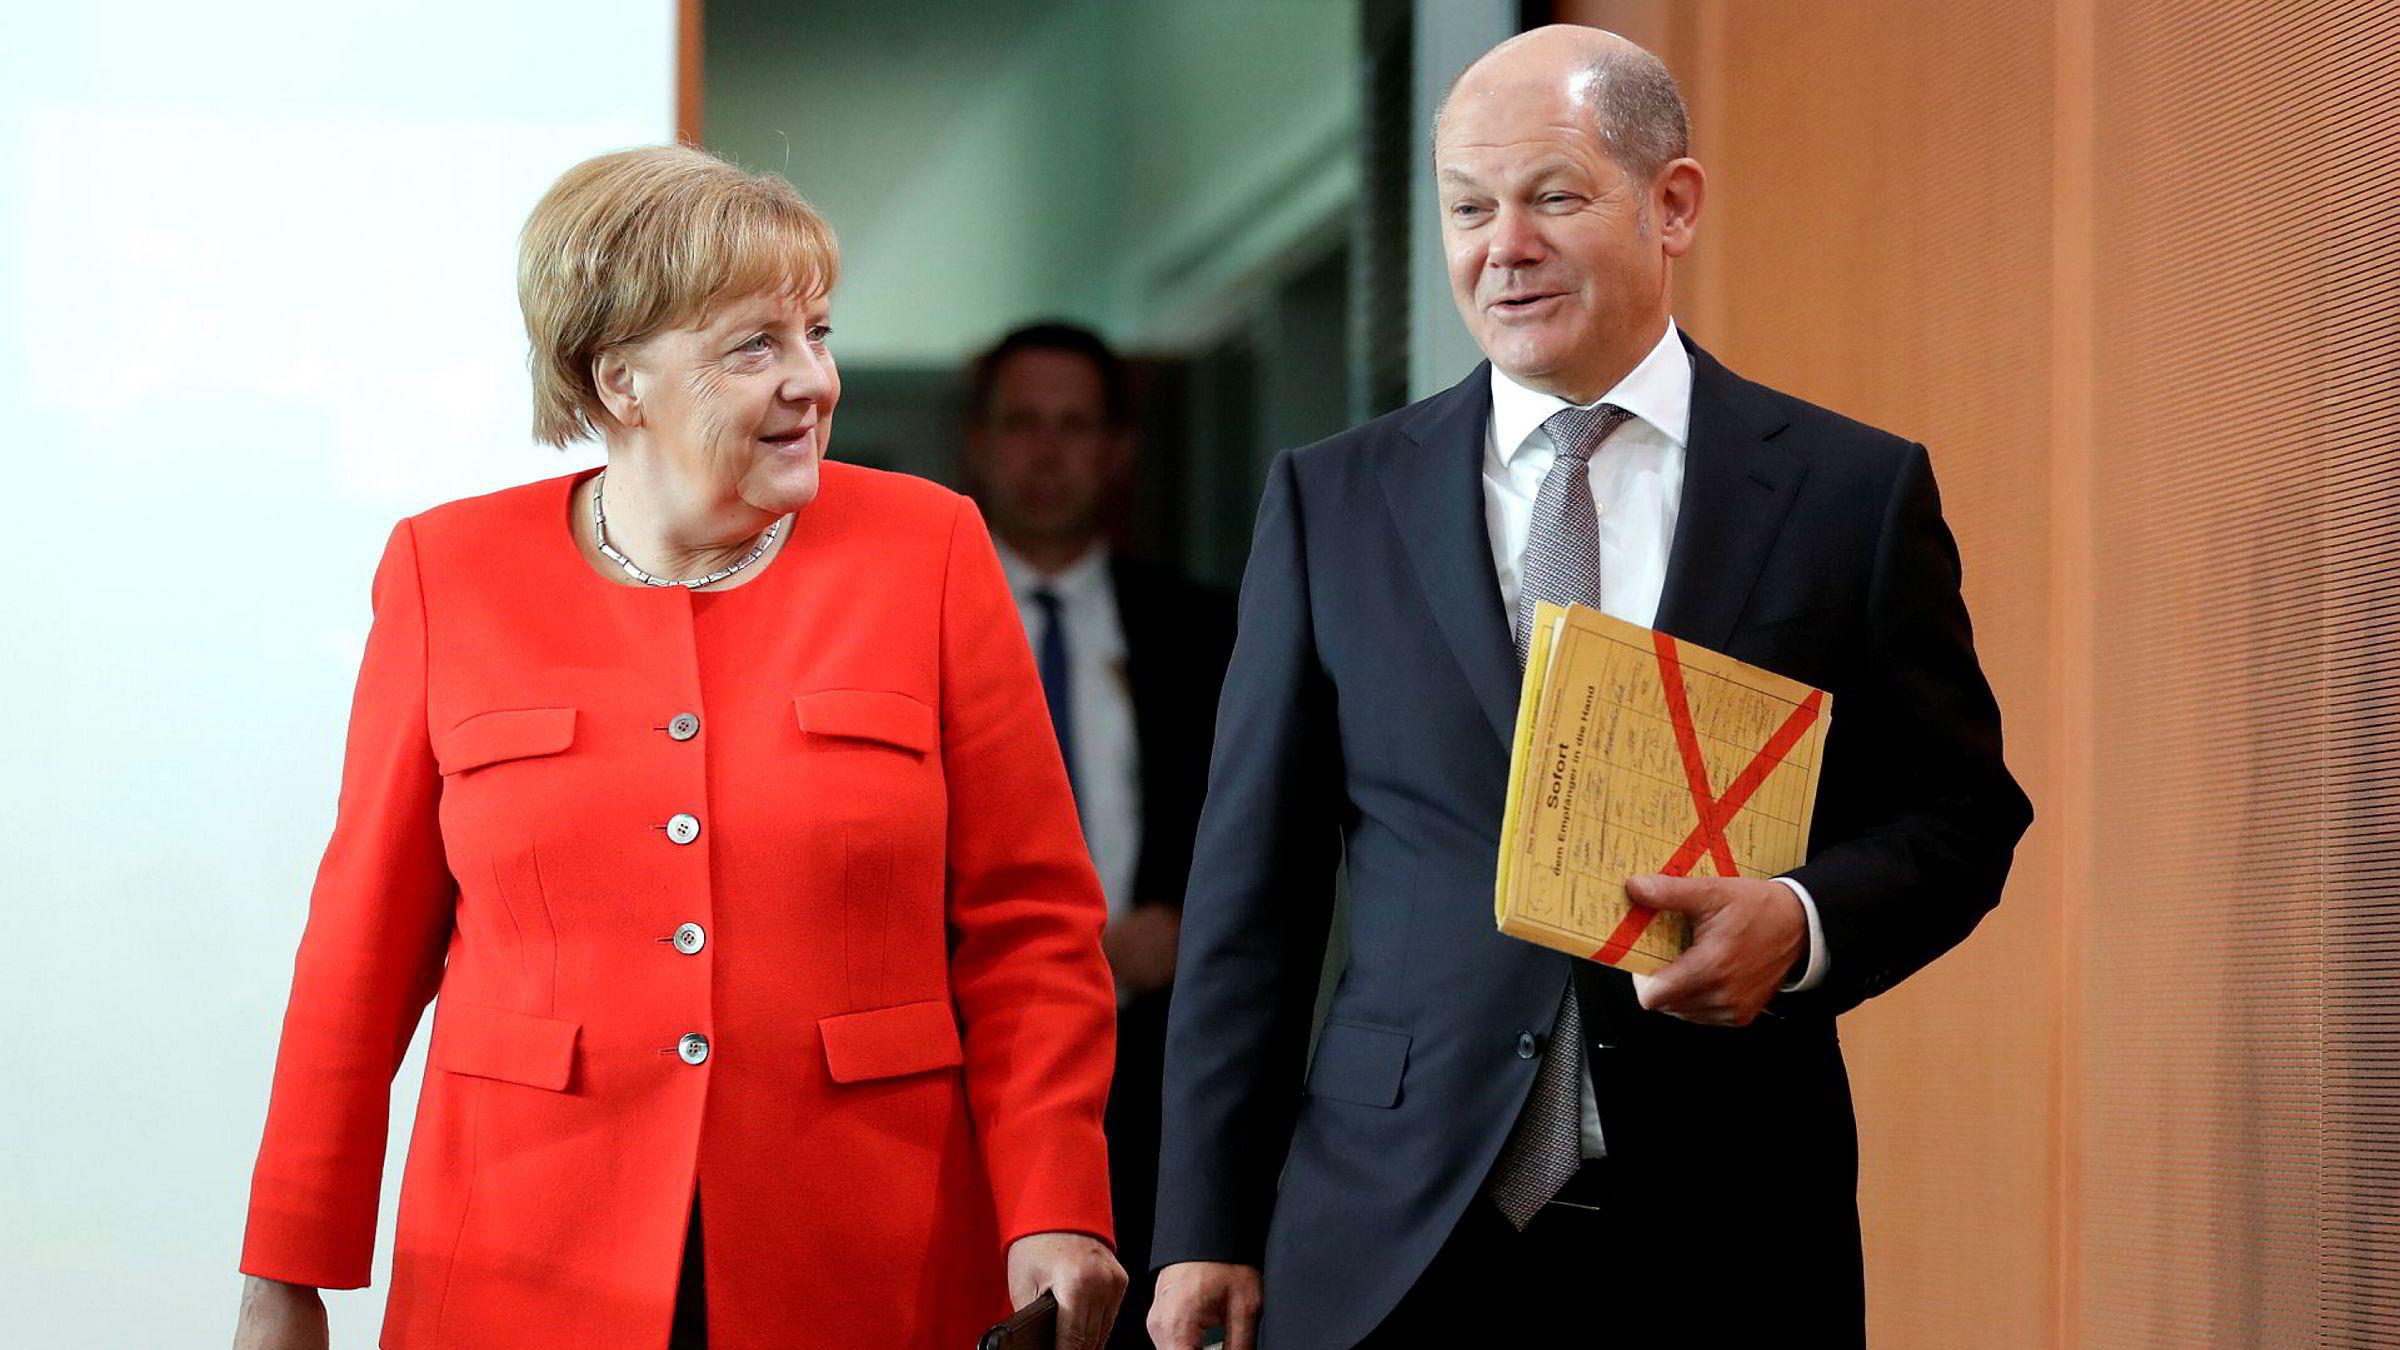 Tysklands finansminister Olaf Scholz vil styrke eurosamarbeidet. Her med forbundskansler Angela Merkel på et regjeringsmøte i Berlin denne uken.